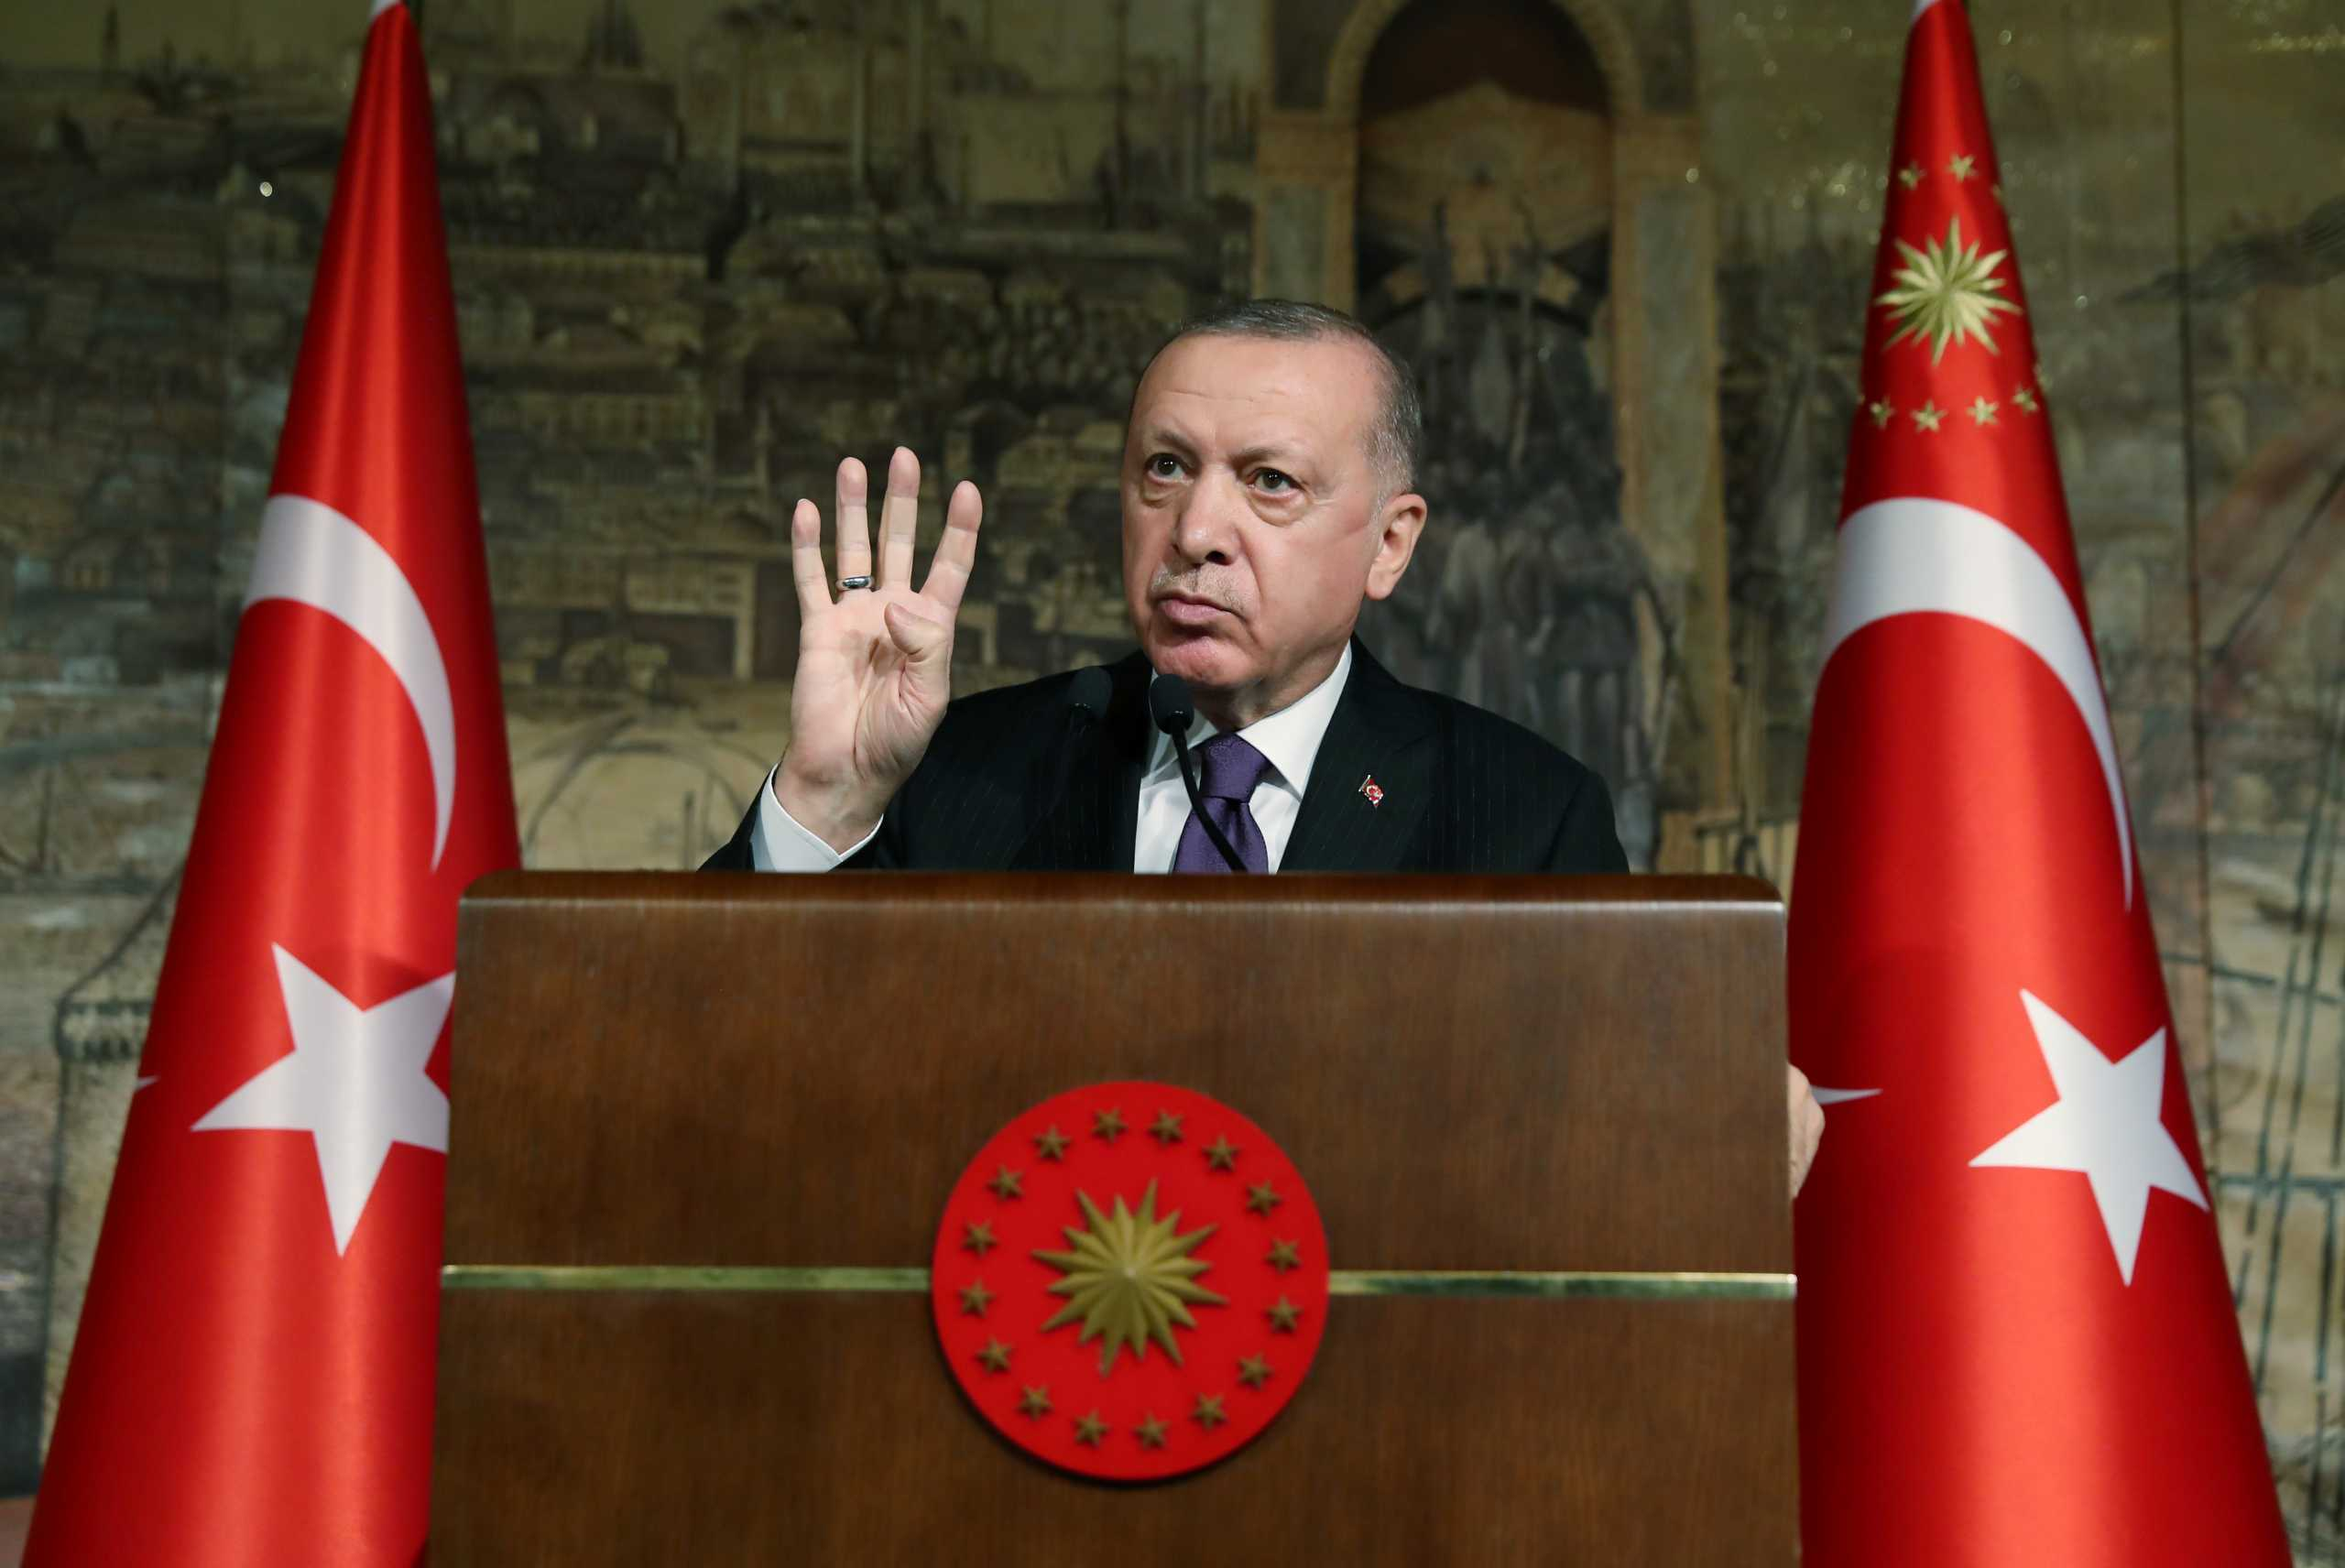 Μαινόμενος Ερντογάν: Επίθεση στις ΗΠΑ για τους Κούρδους του Ιράκ με «φόβητρο» την ενότητα του ΝΑΤΟ